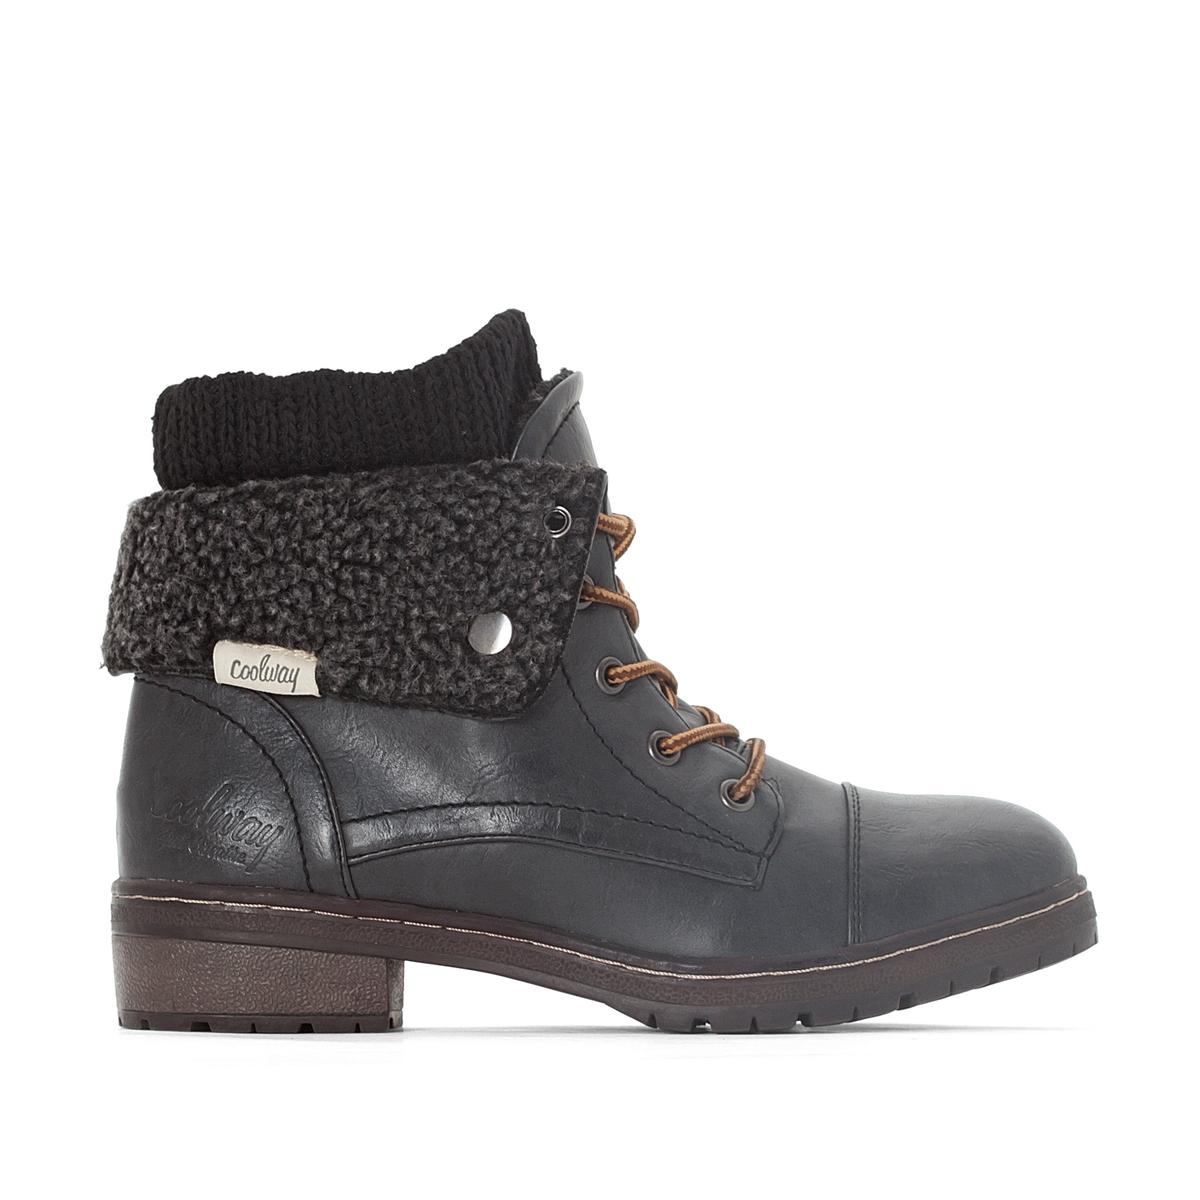 Ботинки на шнуровке Bring ботинки женские зимние на шнуровке без каблука купить